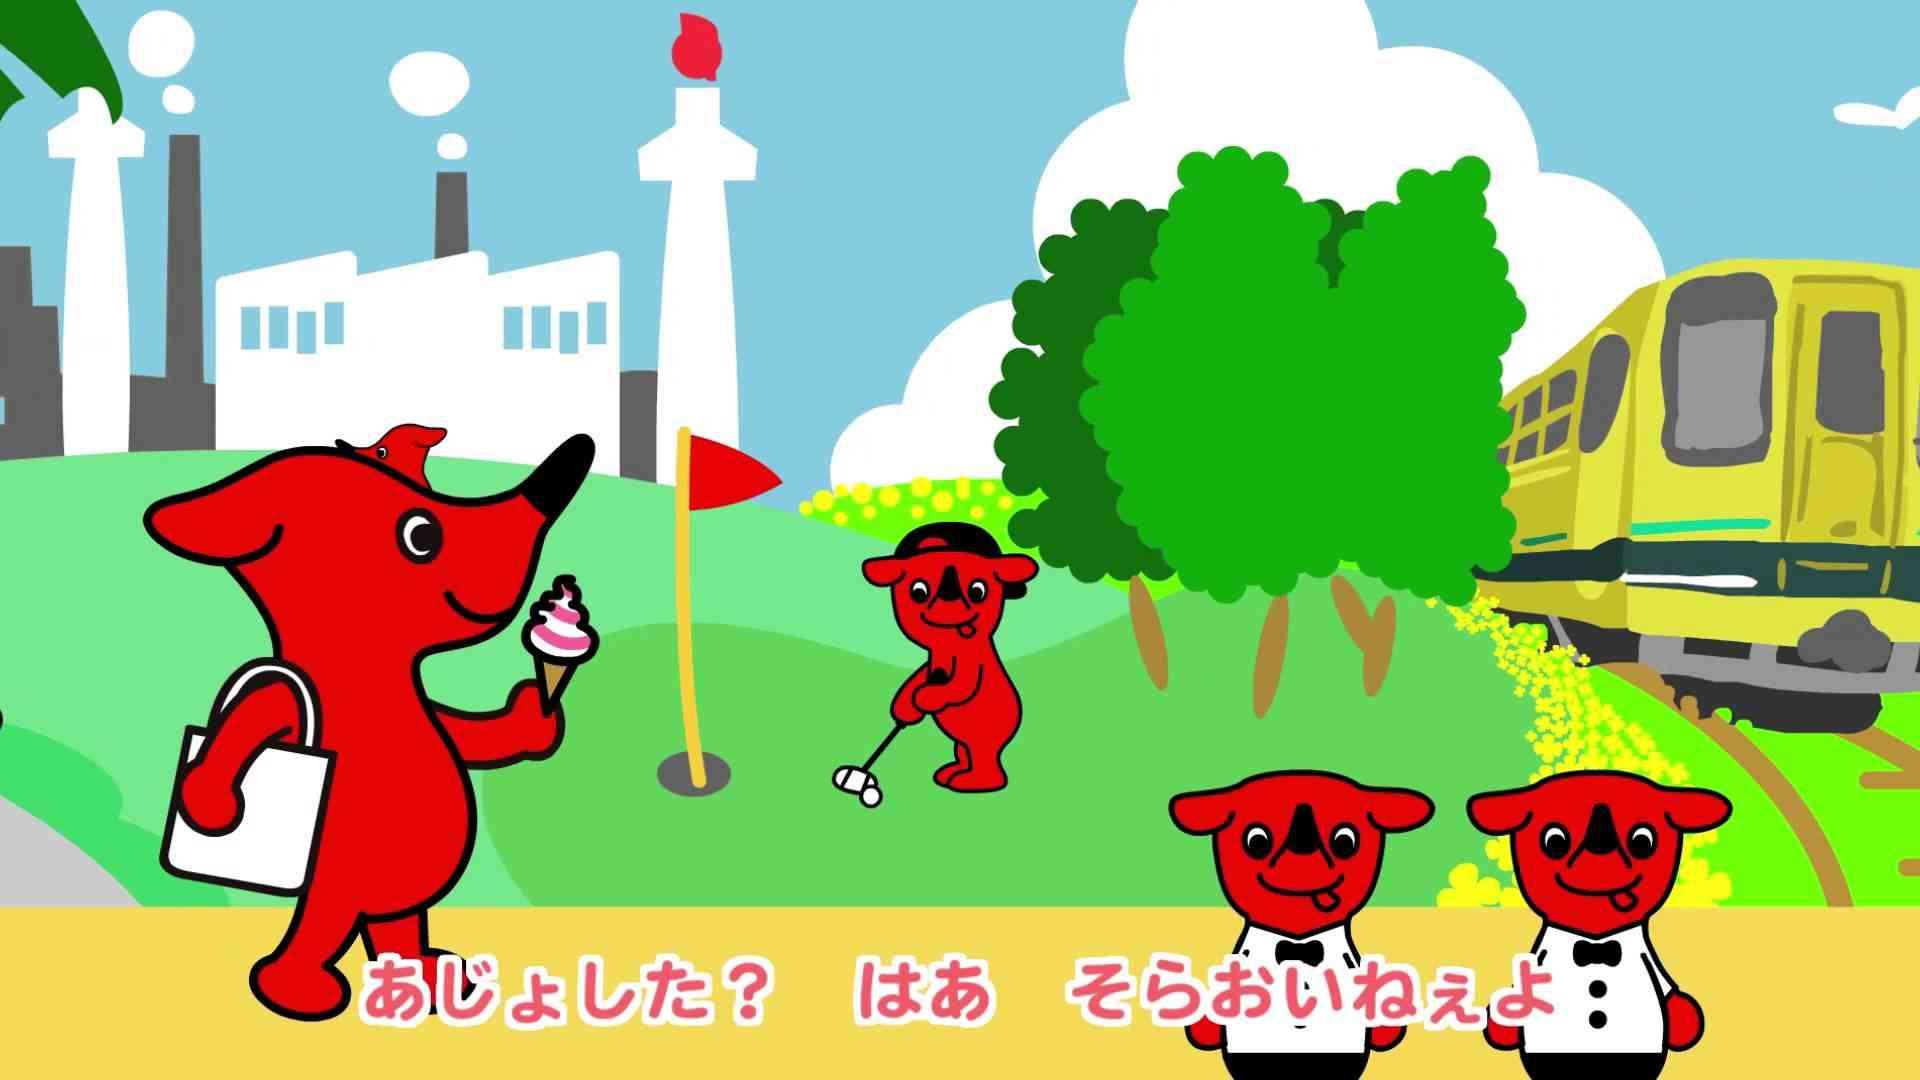 チーバくんの歌【公式コラボ】(歌詞付き) - YouTube